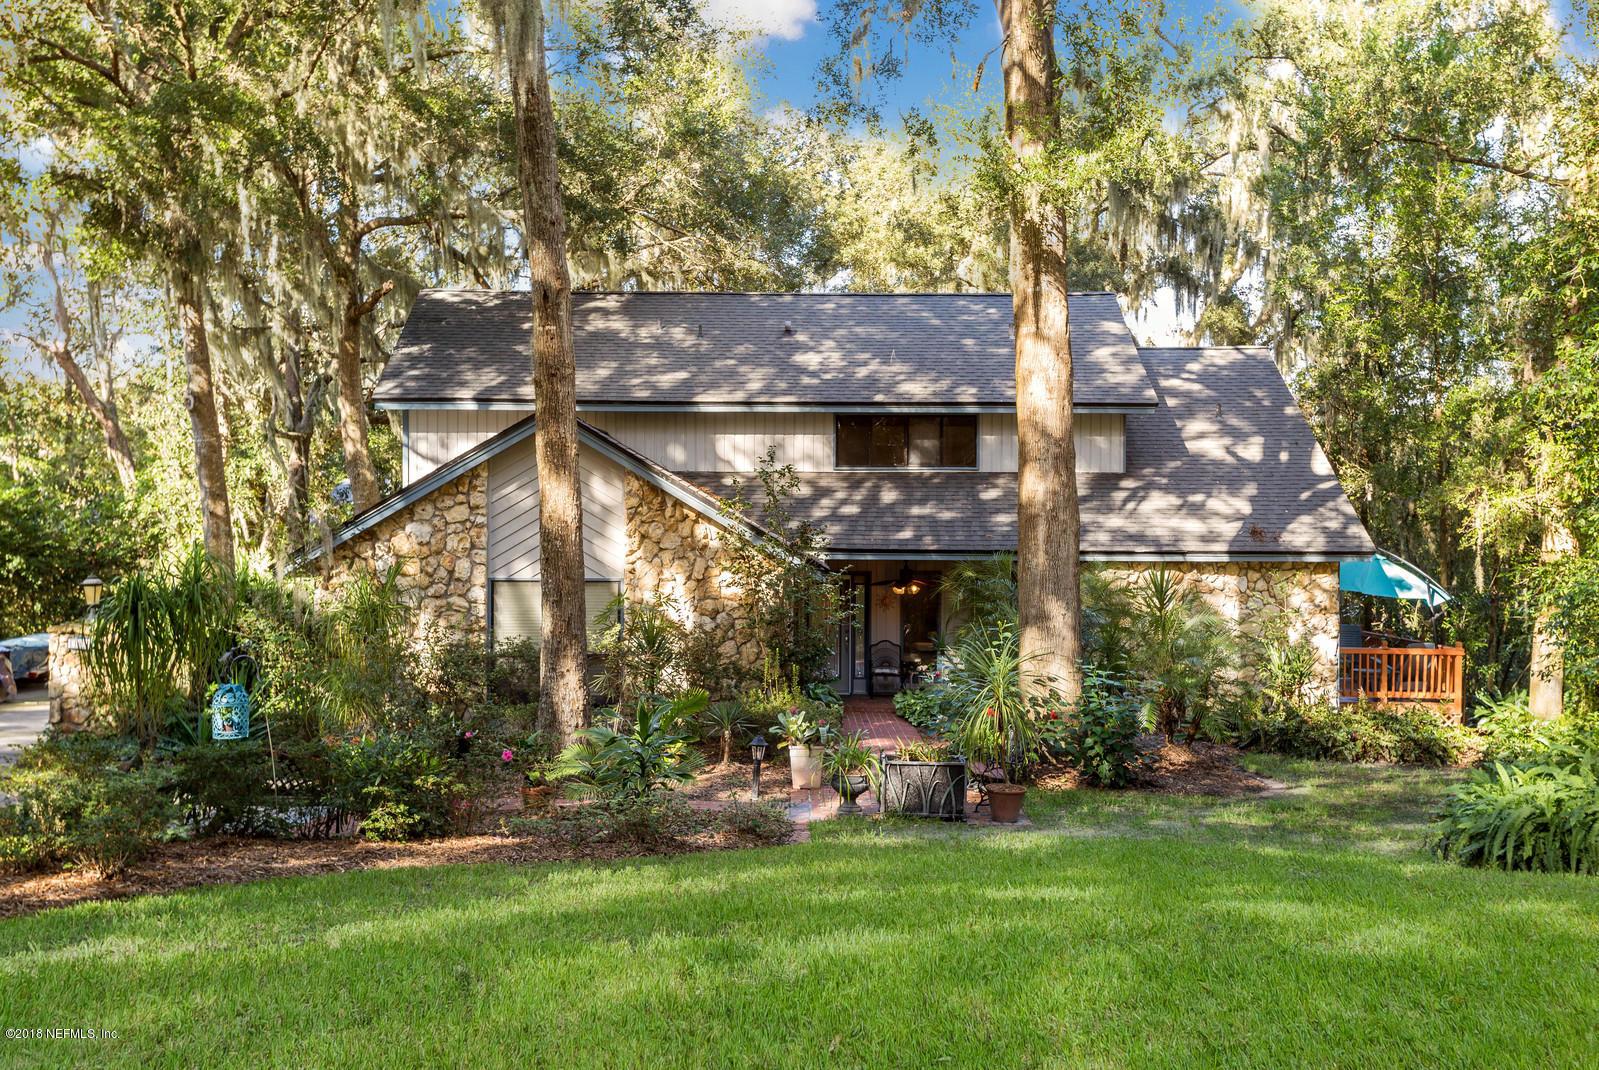 11939 HIDDEN HILLS, JACKSONVILLE, FLORIDA 32225, 4 Bedrooms Bedrooms, ,3 BathroomsBathrooms,Residential - single family,For sale,HIDDEN HILLS,967446